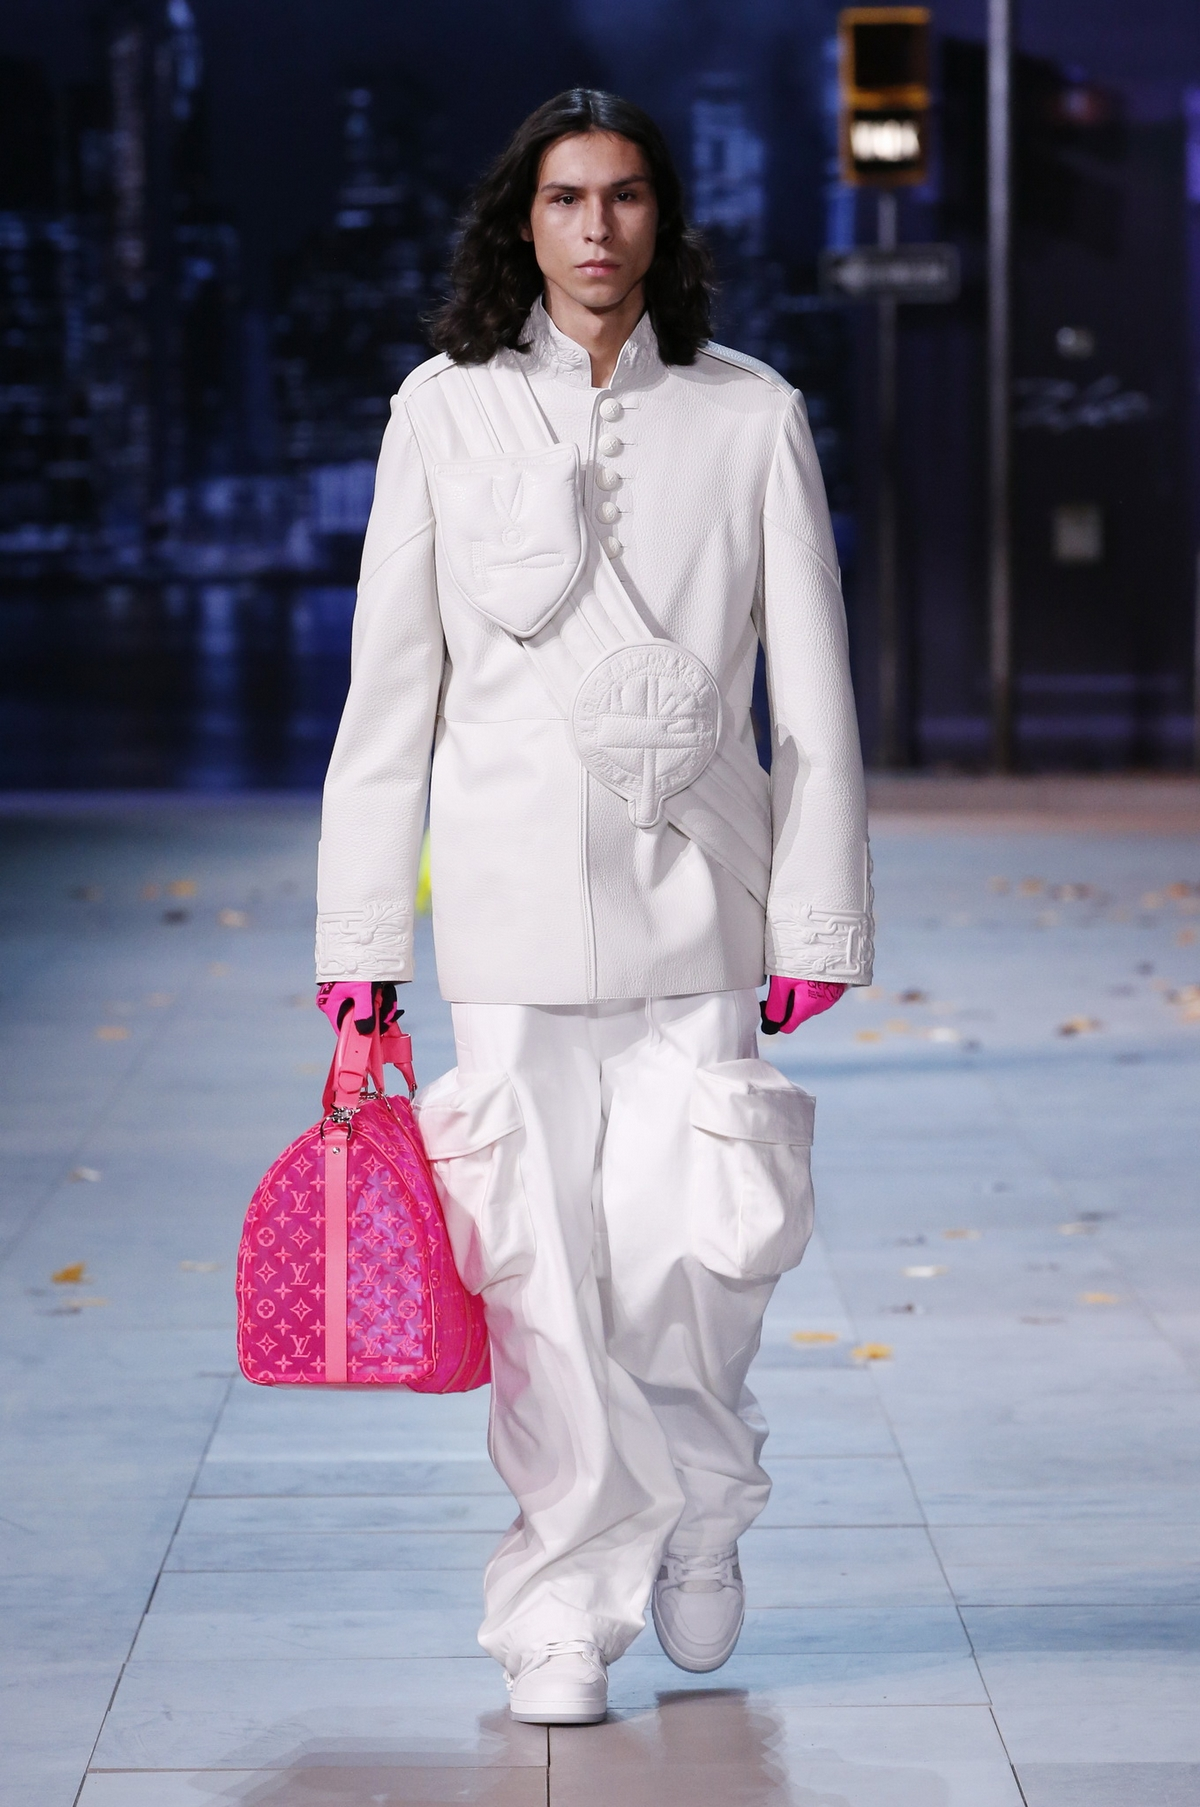 仿佛已經可以看到LV 店外瘋狂排隊的潮人 Louis Vuitton 2019 秋冬男裝大秀直擊